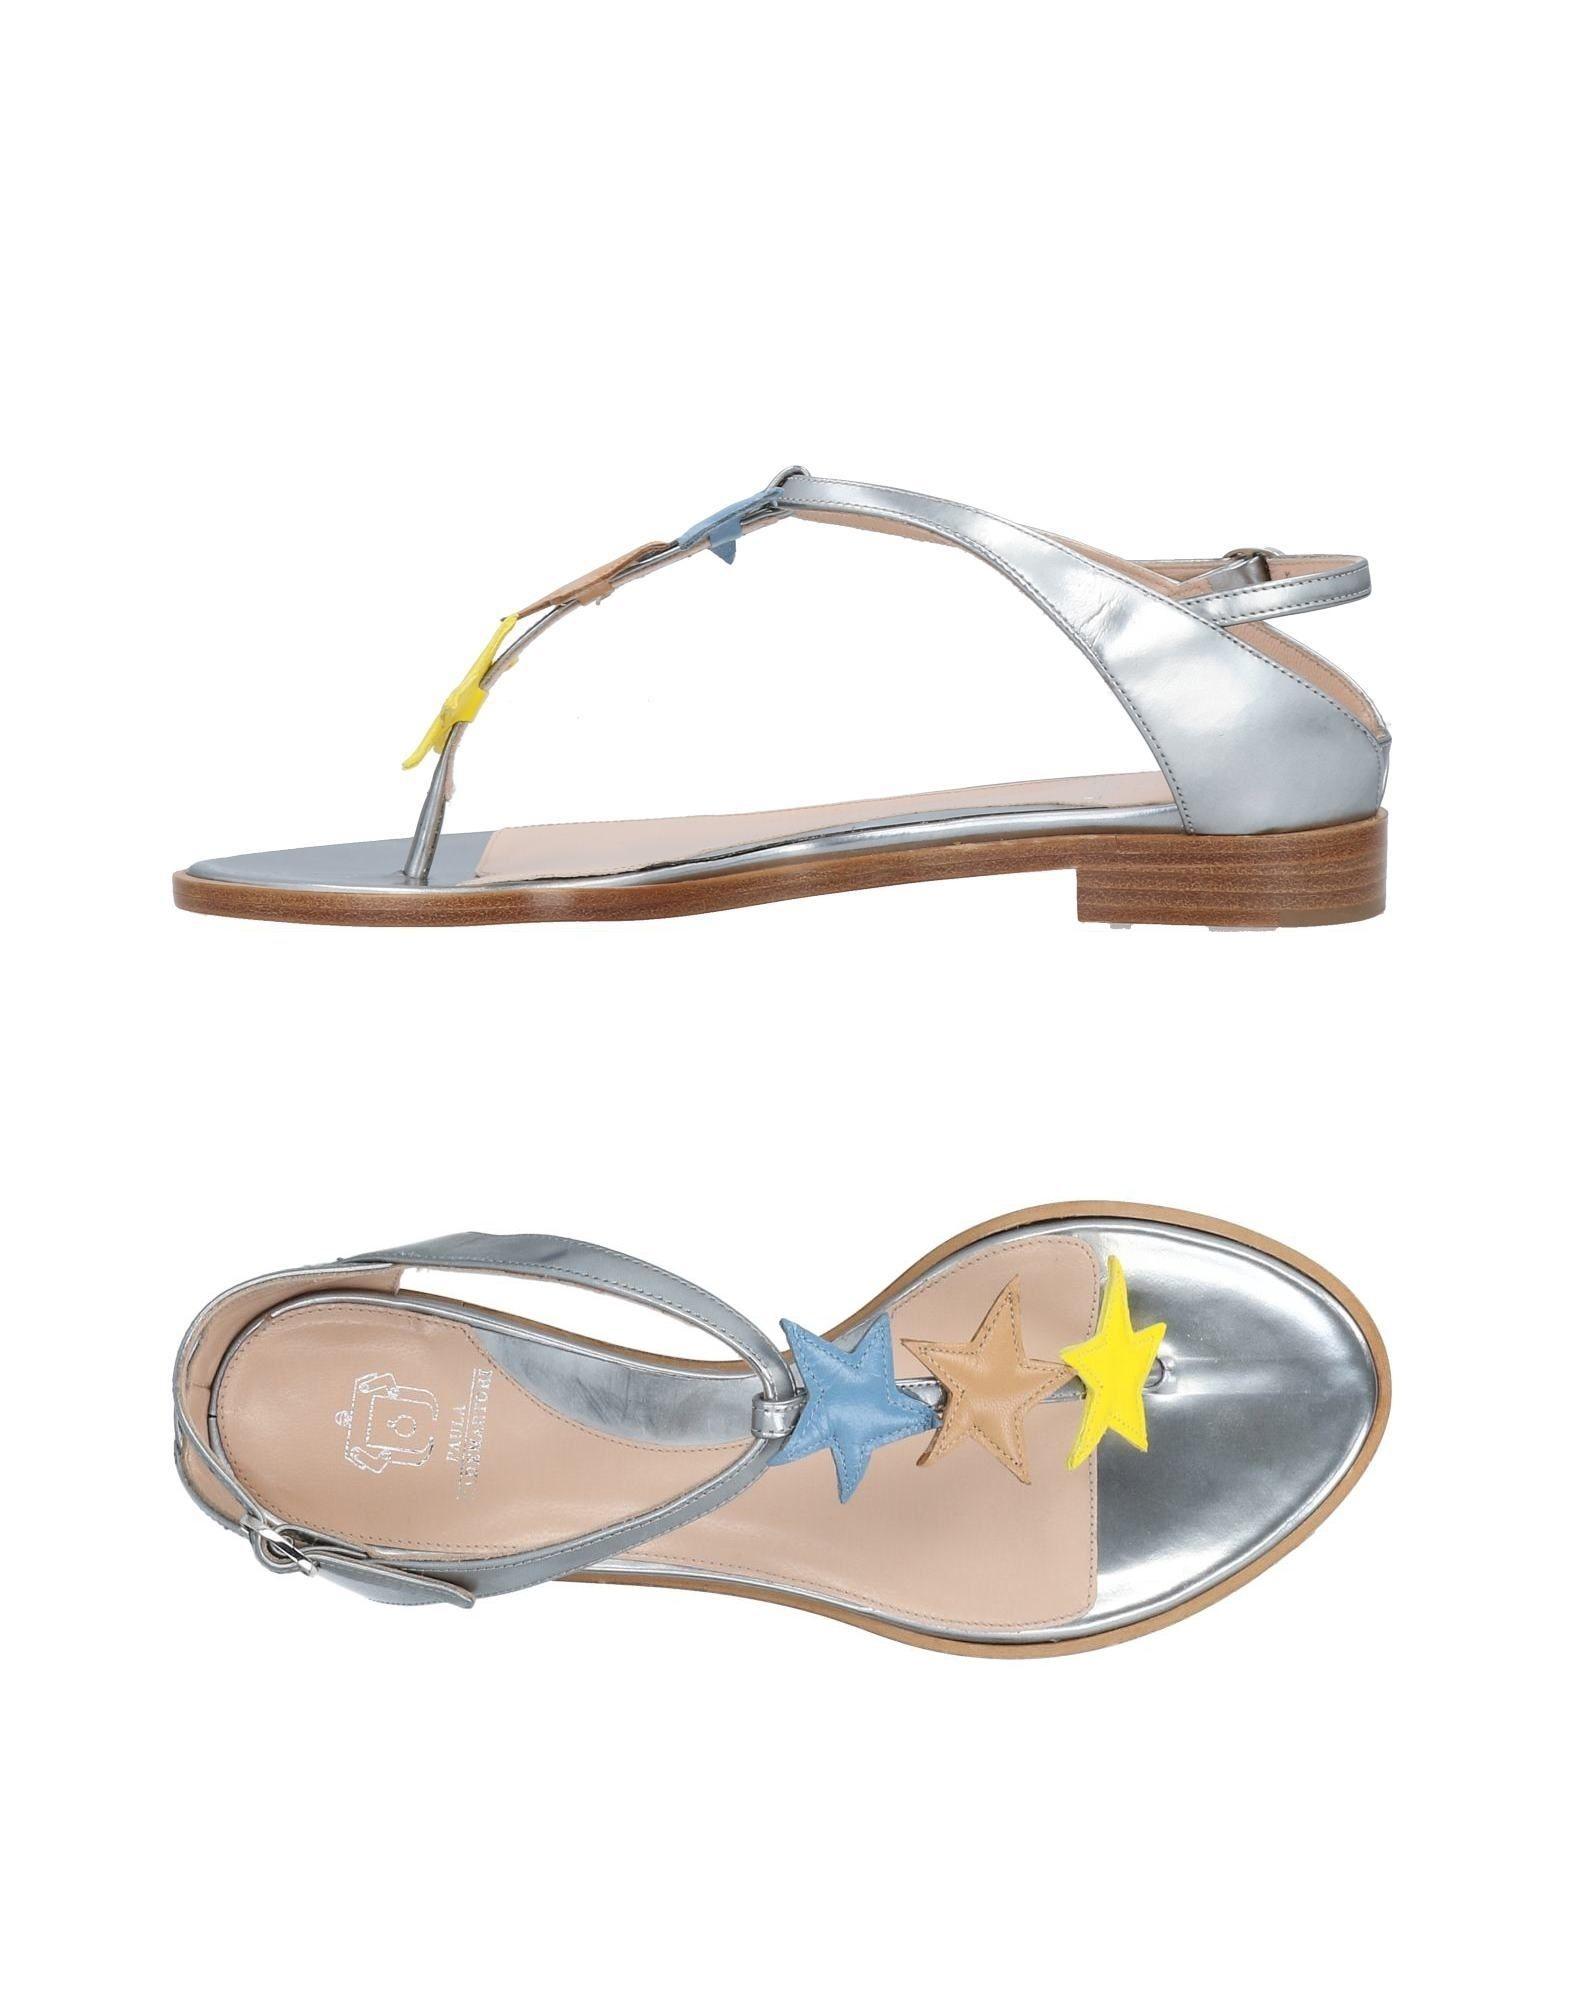 Rabatt Schuhe Paula Cademartori  Dianetten Damen  Cademartori 11492353JM f74e2e